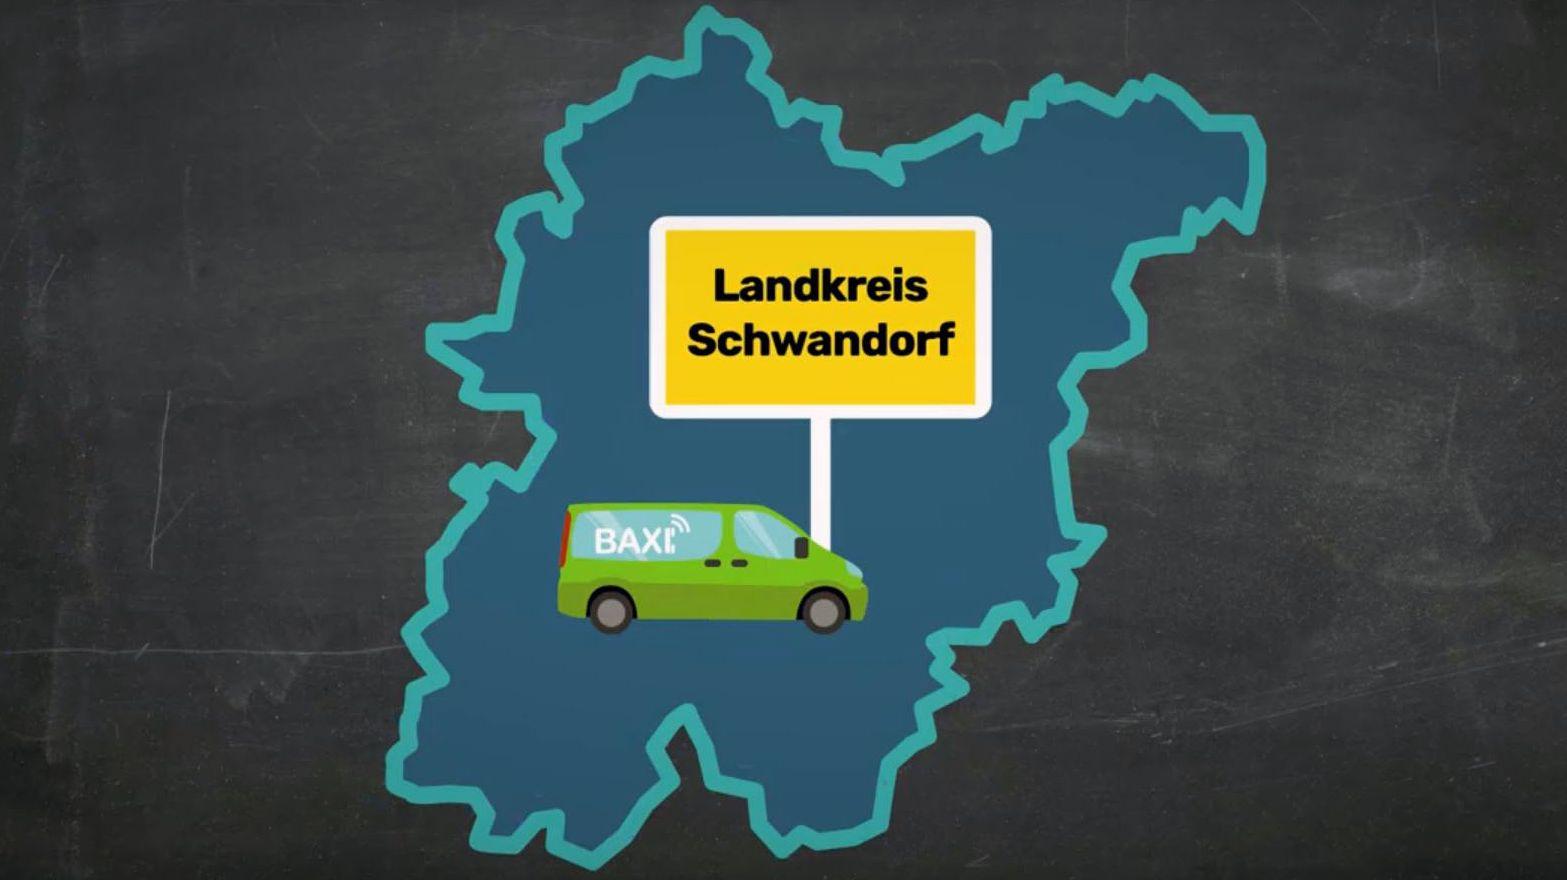 """Im Landkreis Schwandorf startet heute das Rufbus-System """"Baxi"""". Dahinter verbirgt sich eine Mischung aus Bus und Taxi."""